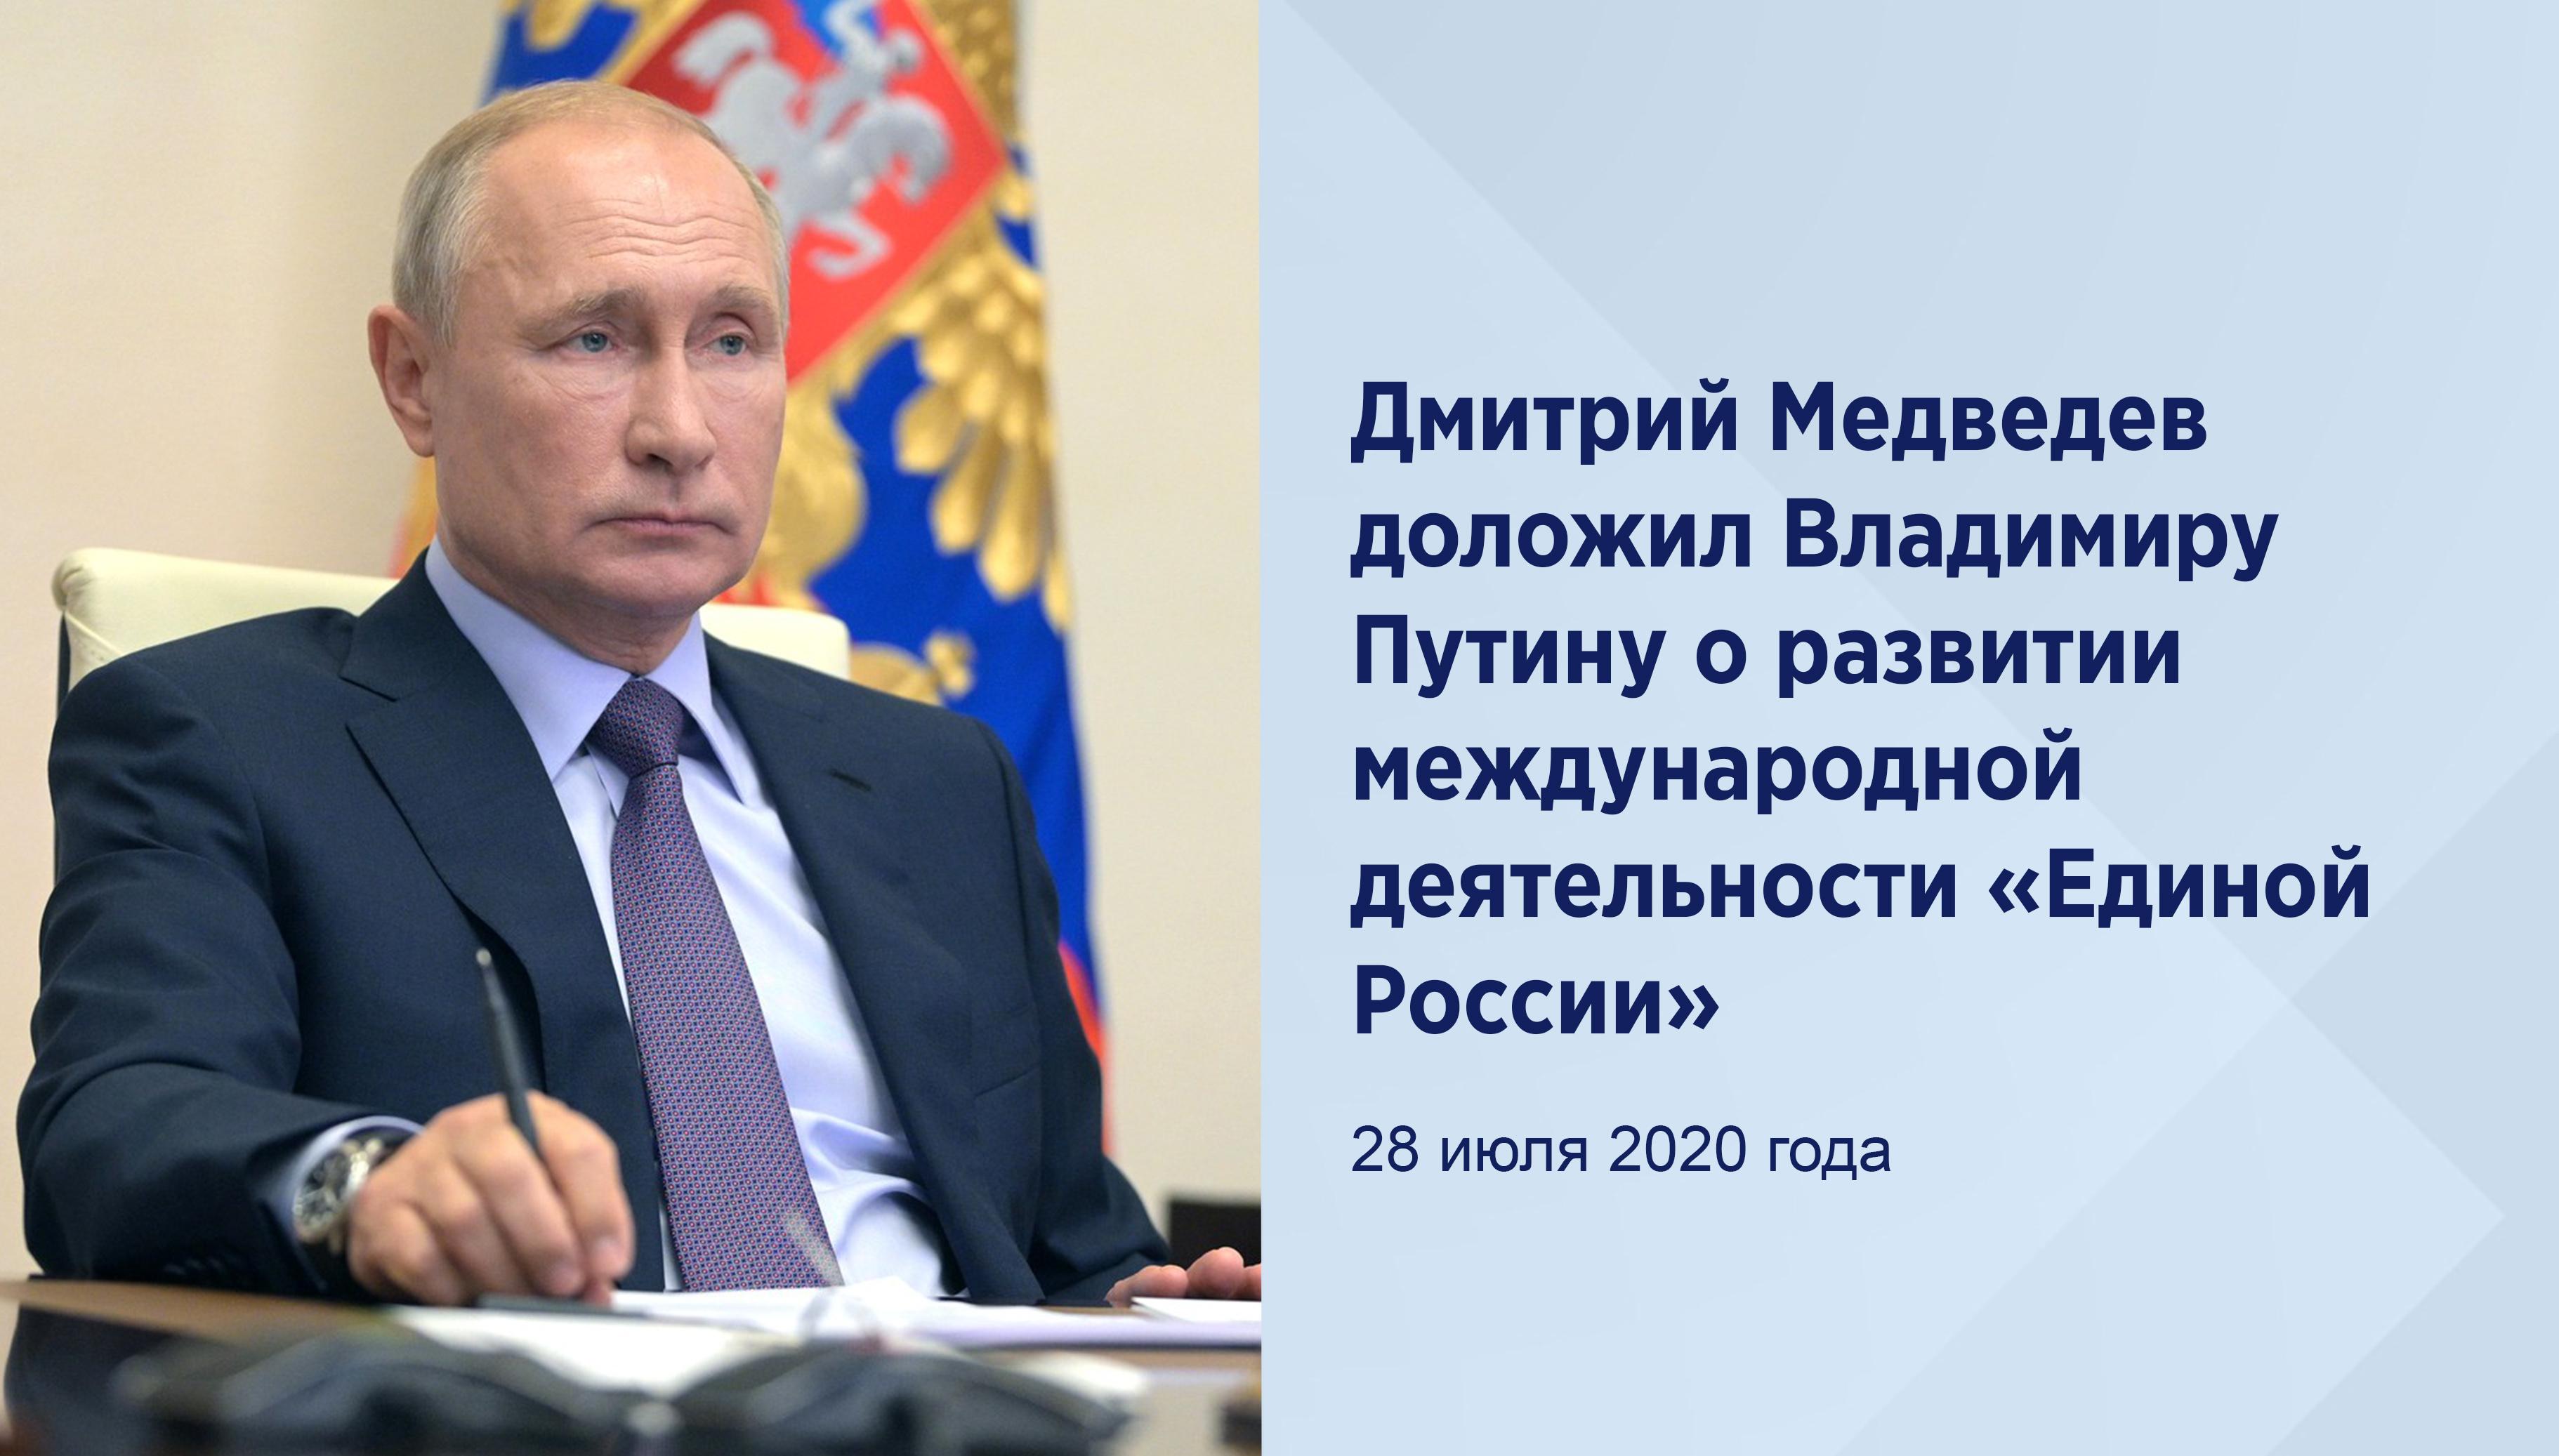 Дмитрий Медведев доложил Владимиру Путину о развитии международной деятельности «Единой России